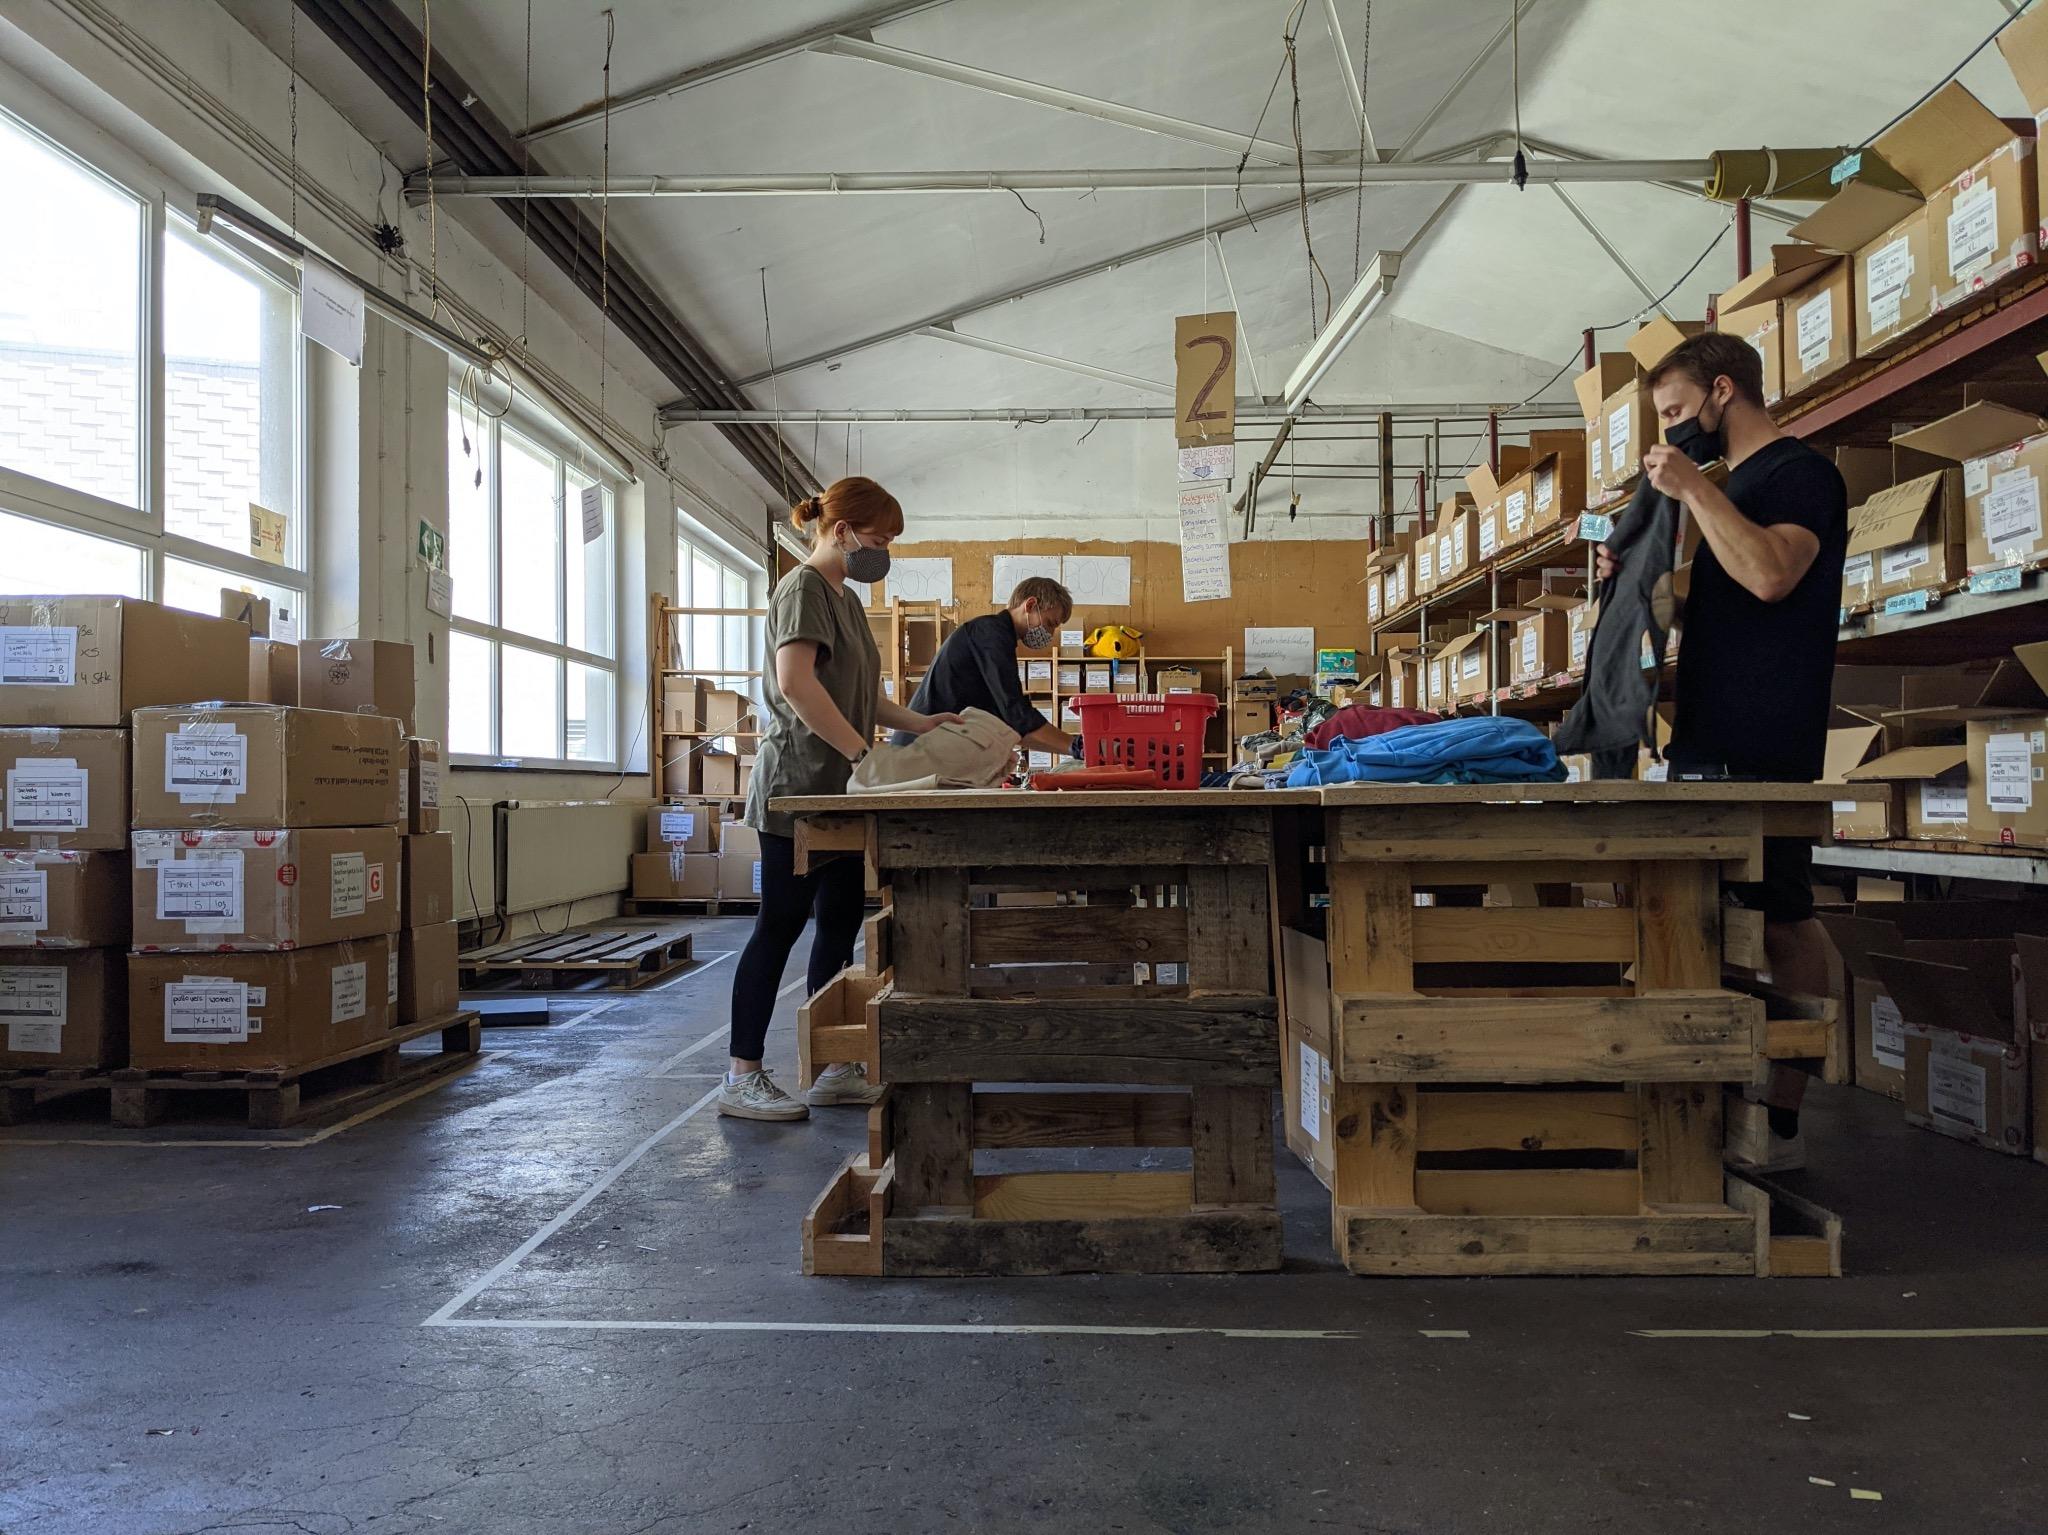 Die Helfer von HERMINE suchten dringend nach einem neuen Lagerraum. Foto: Projekt HERMINE/ Mobile Flüchtlingshilfe e.V.